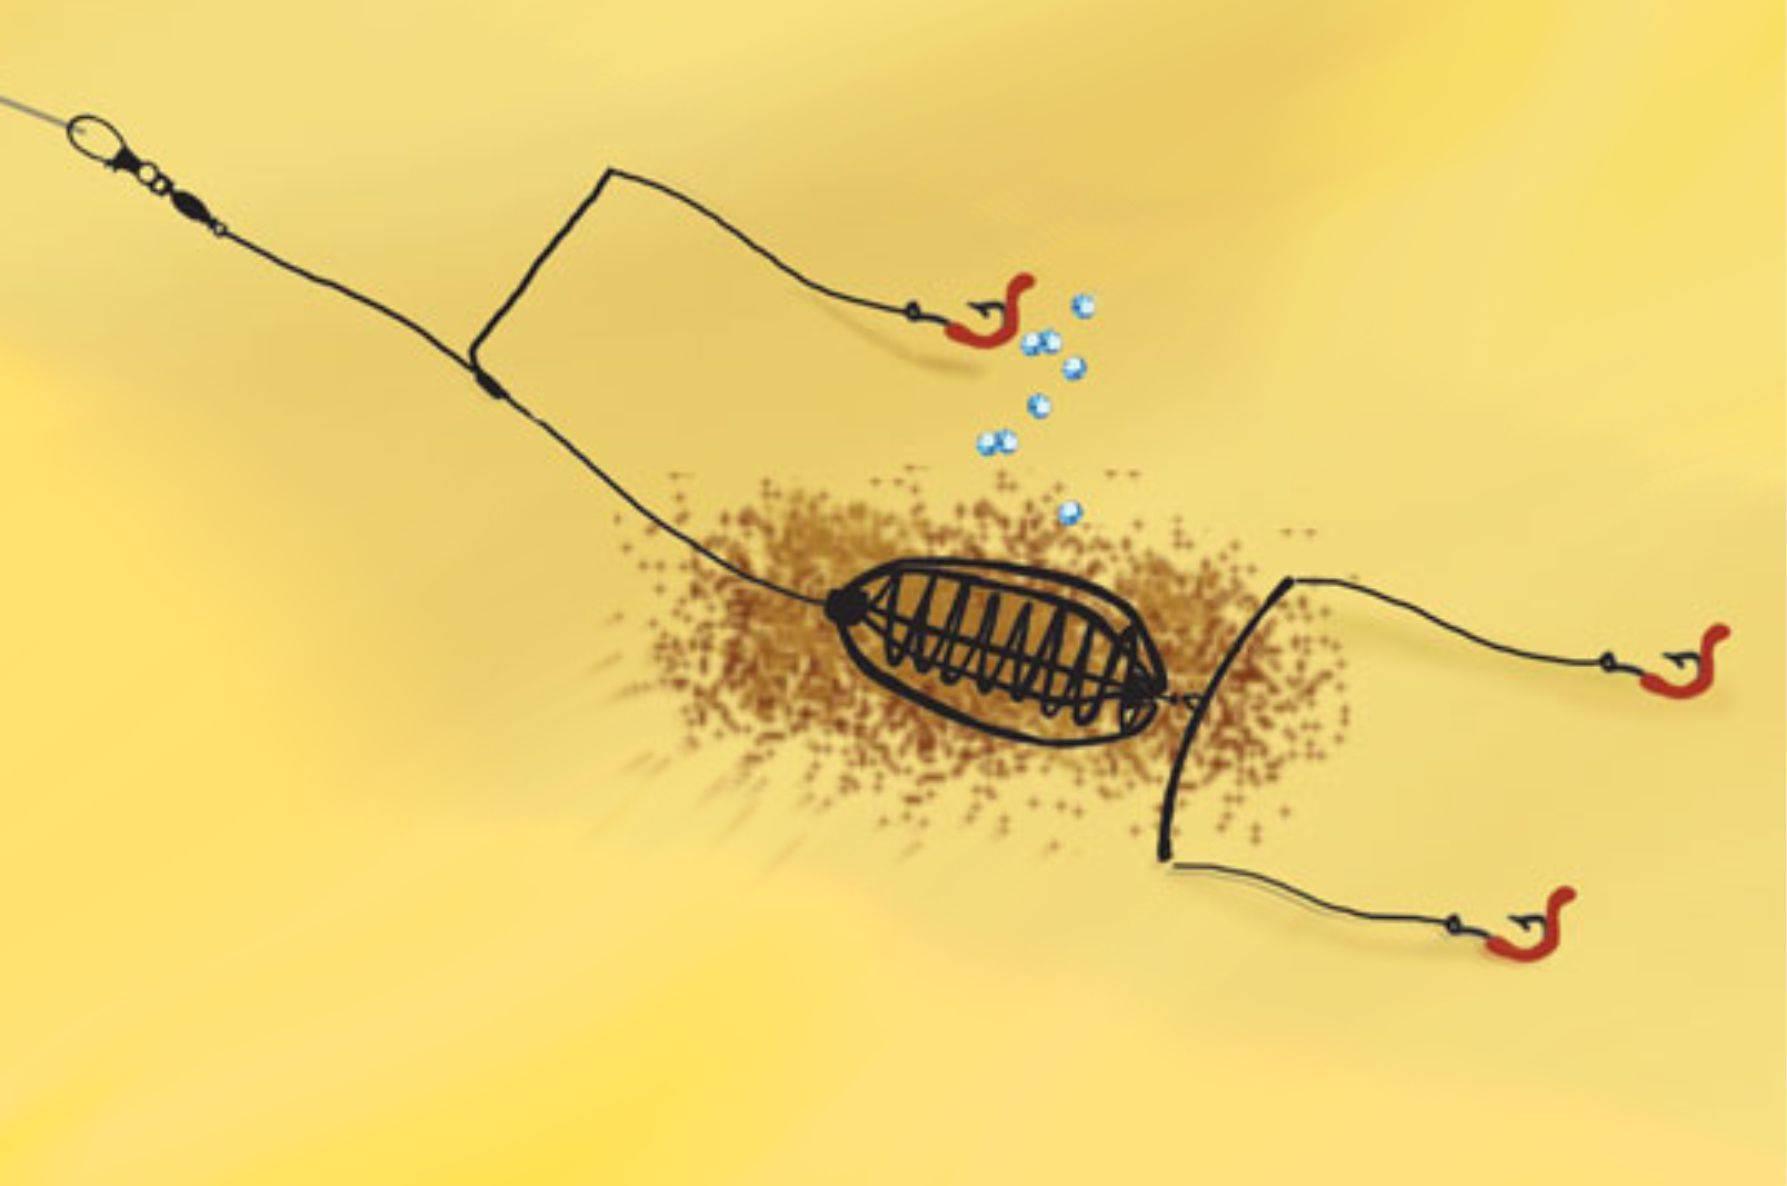 Фидерная ловля для начинающих - как ловить, правильная оснастка и техника заброса